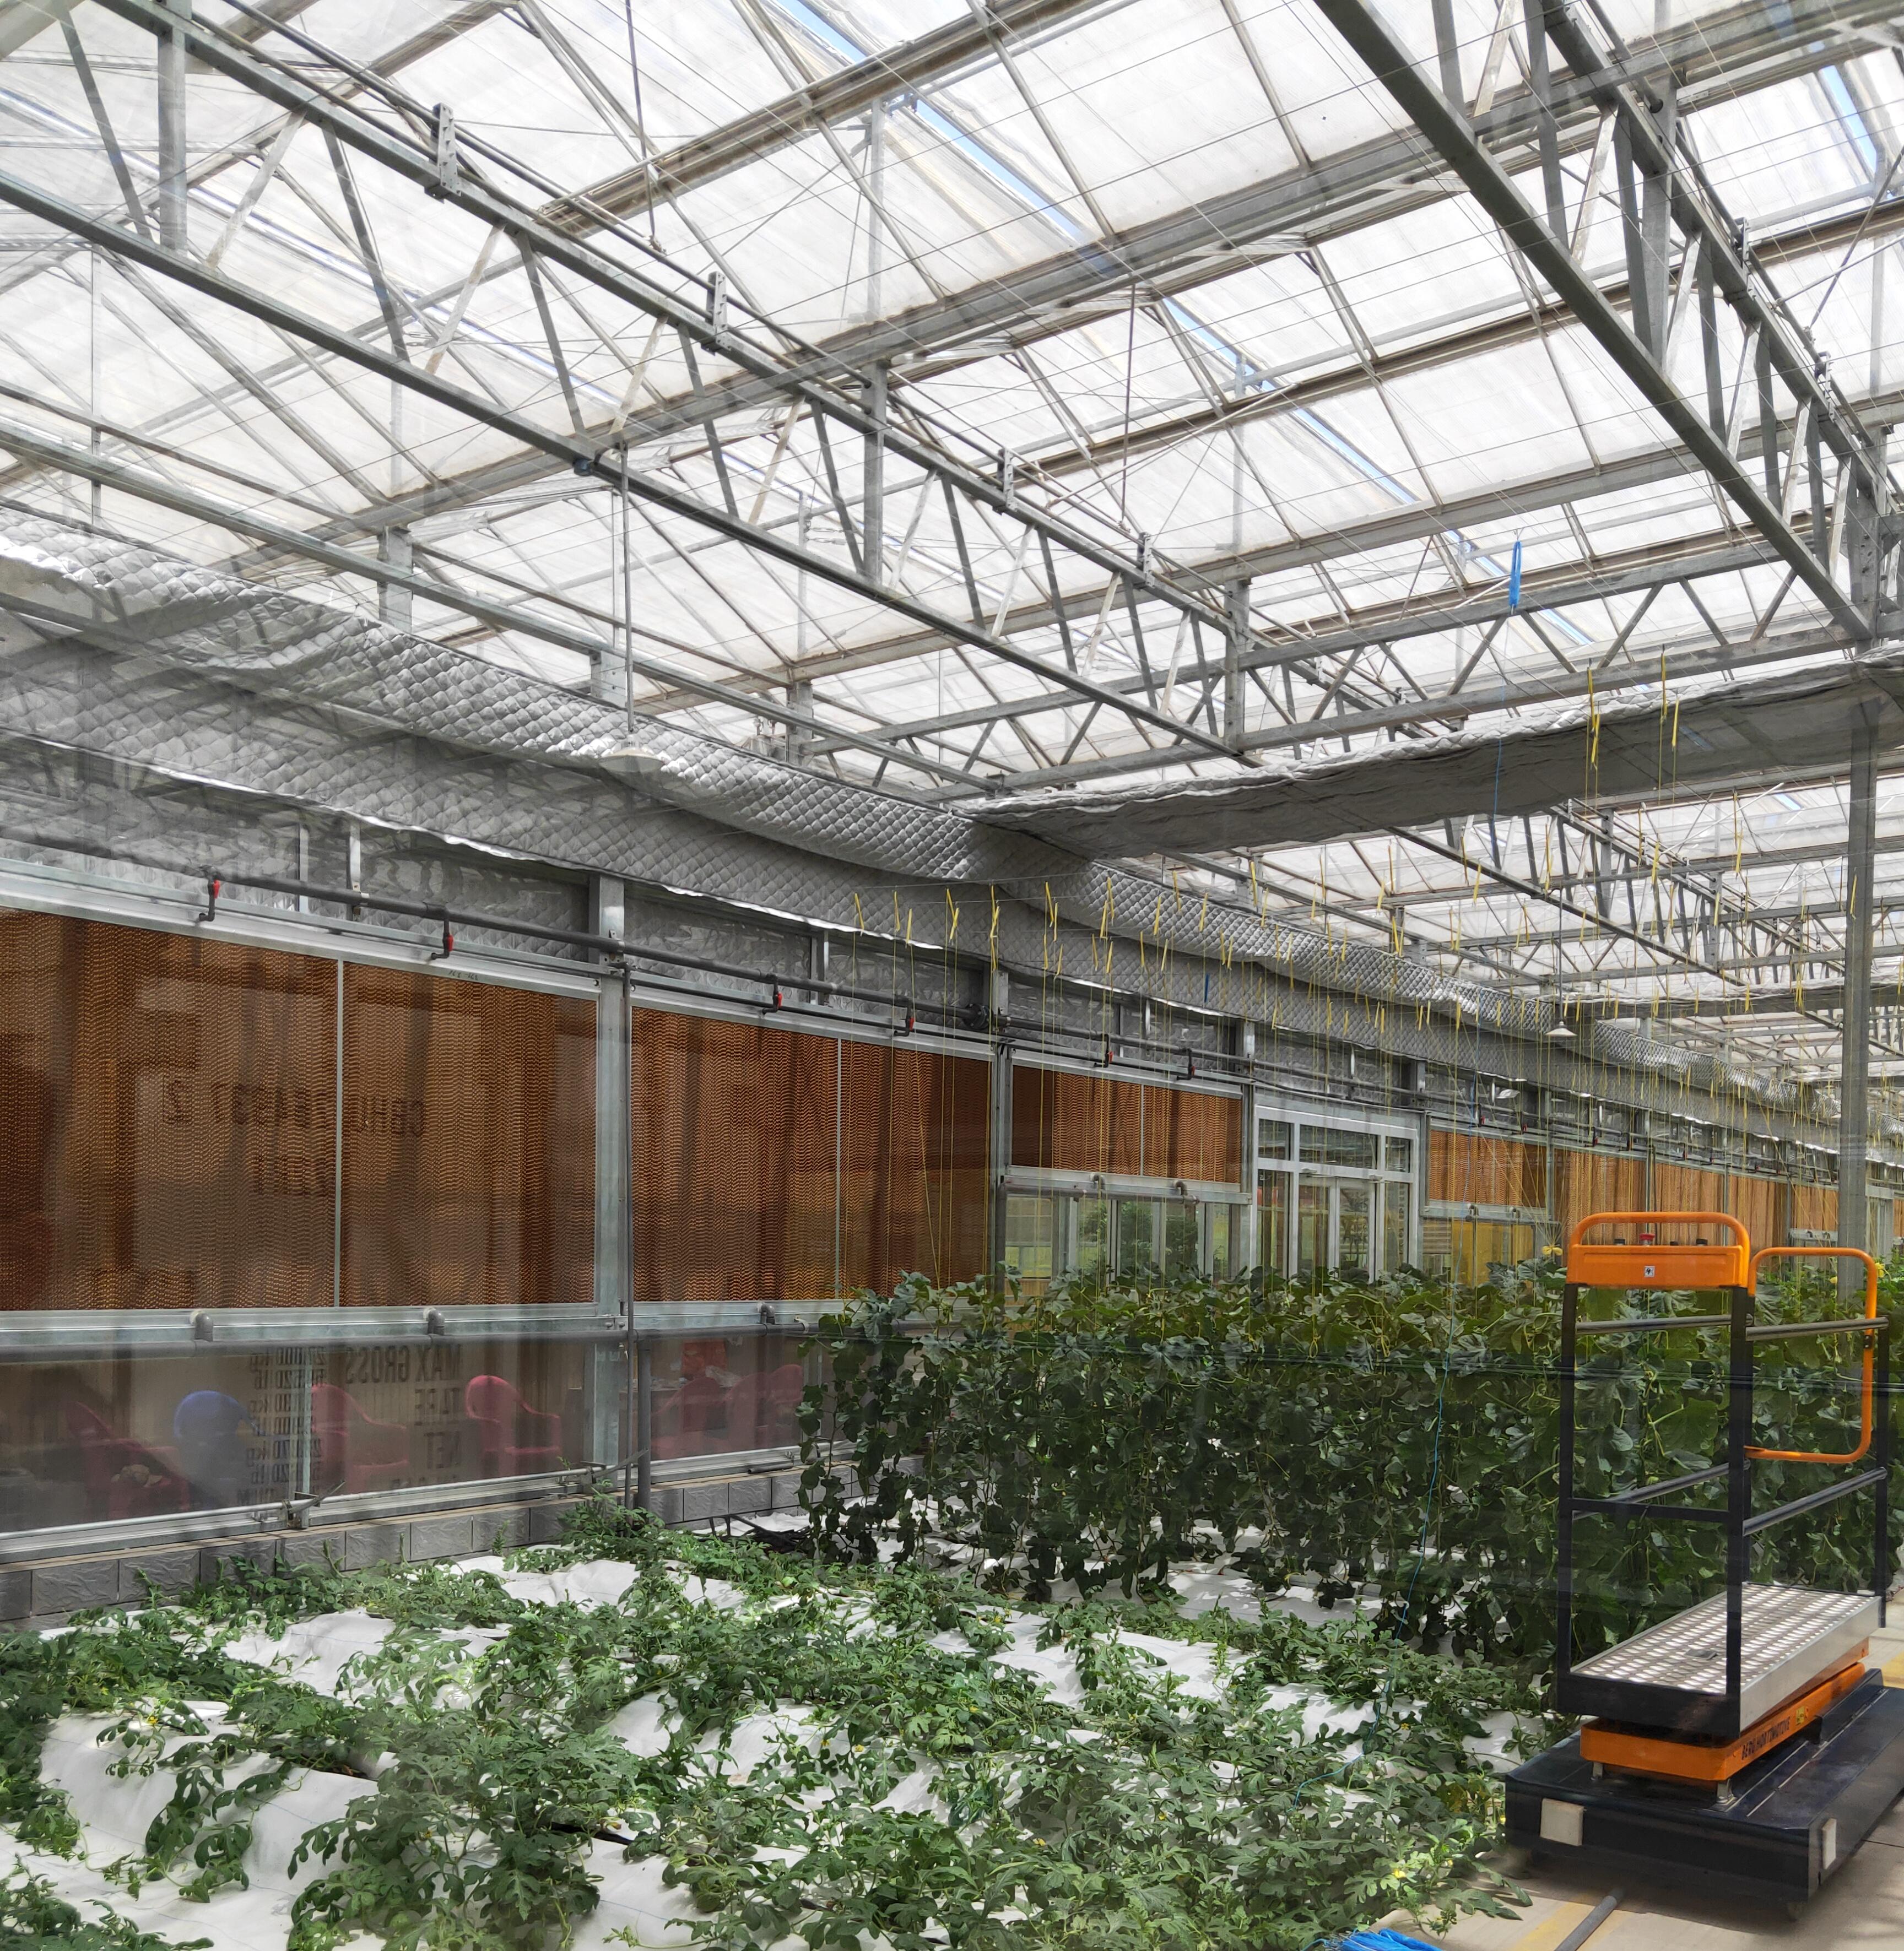 什么是智能温室?智能玻璃温室是怎么组成的?